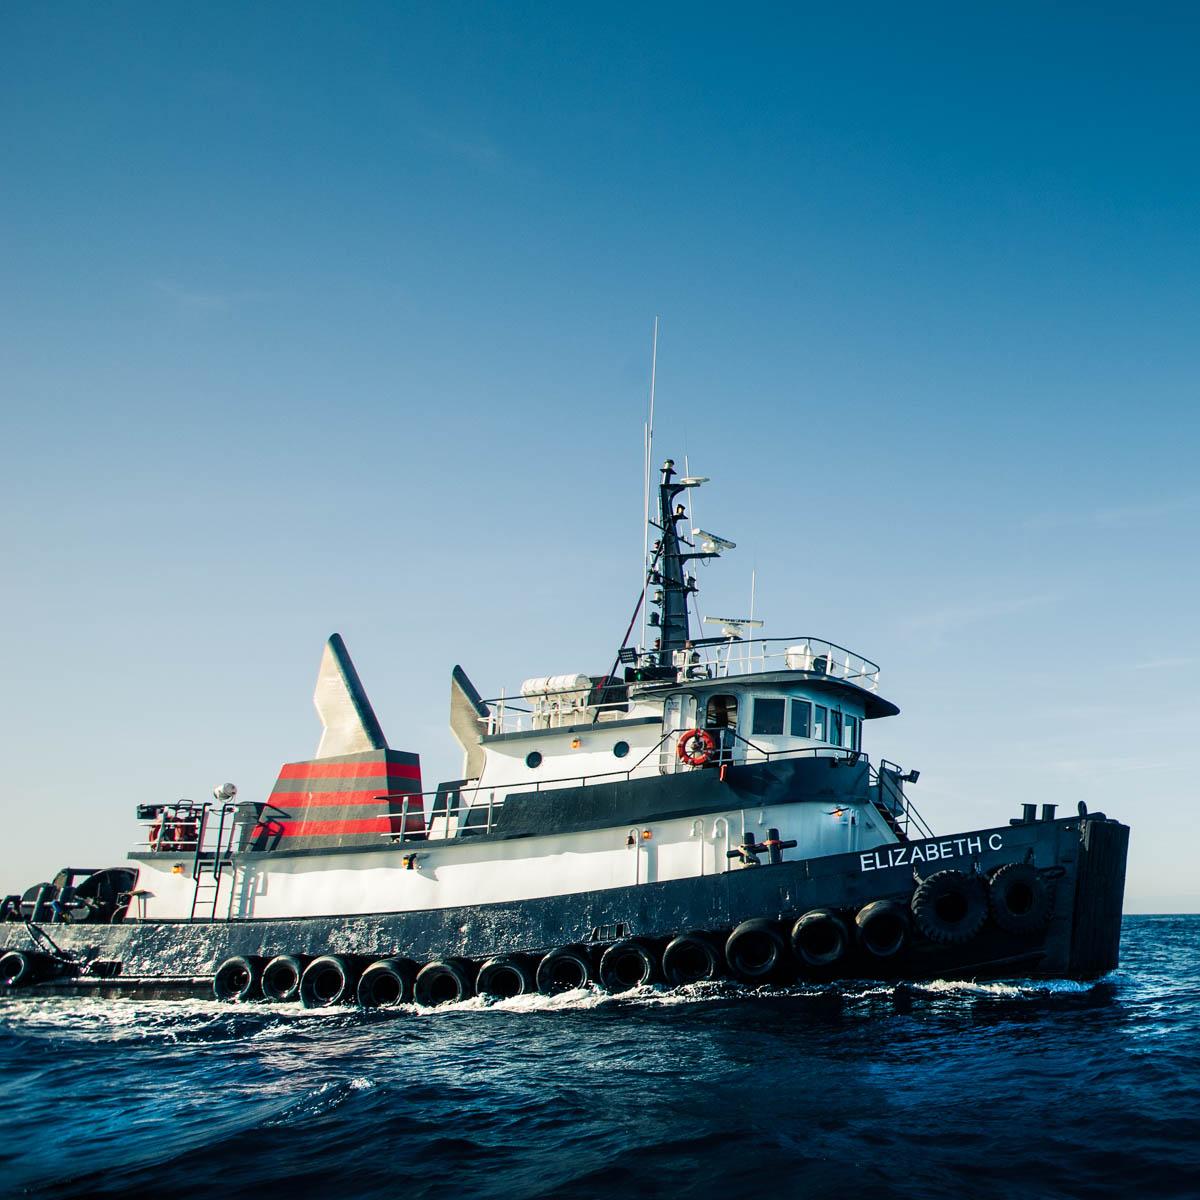 Elizabeth C - Tugboat Curtin Maritime